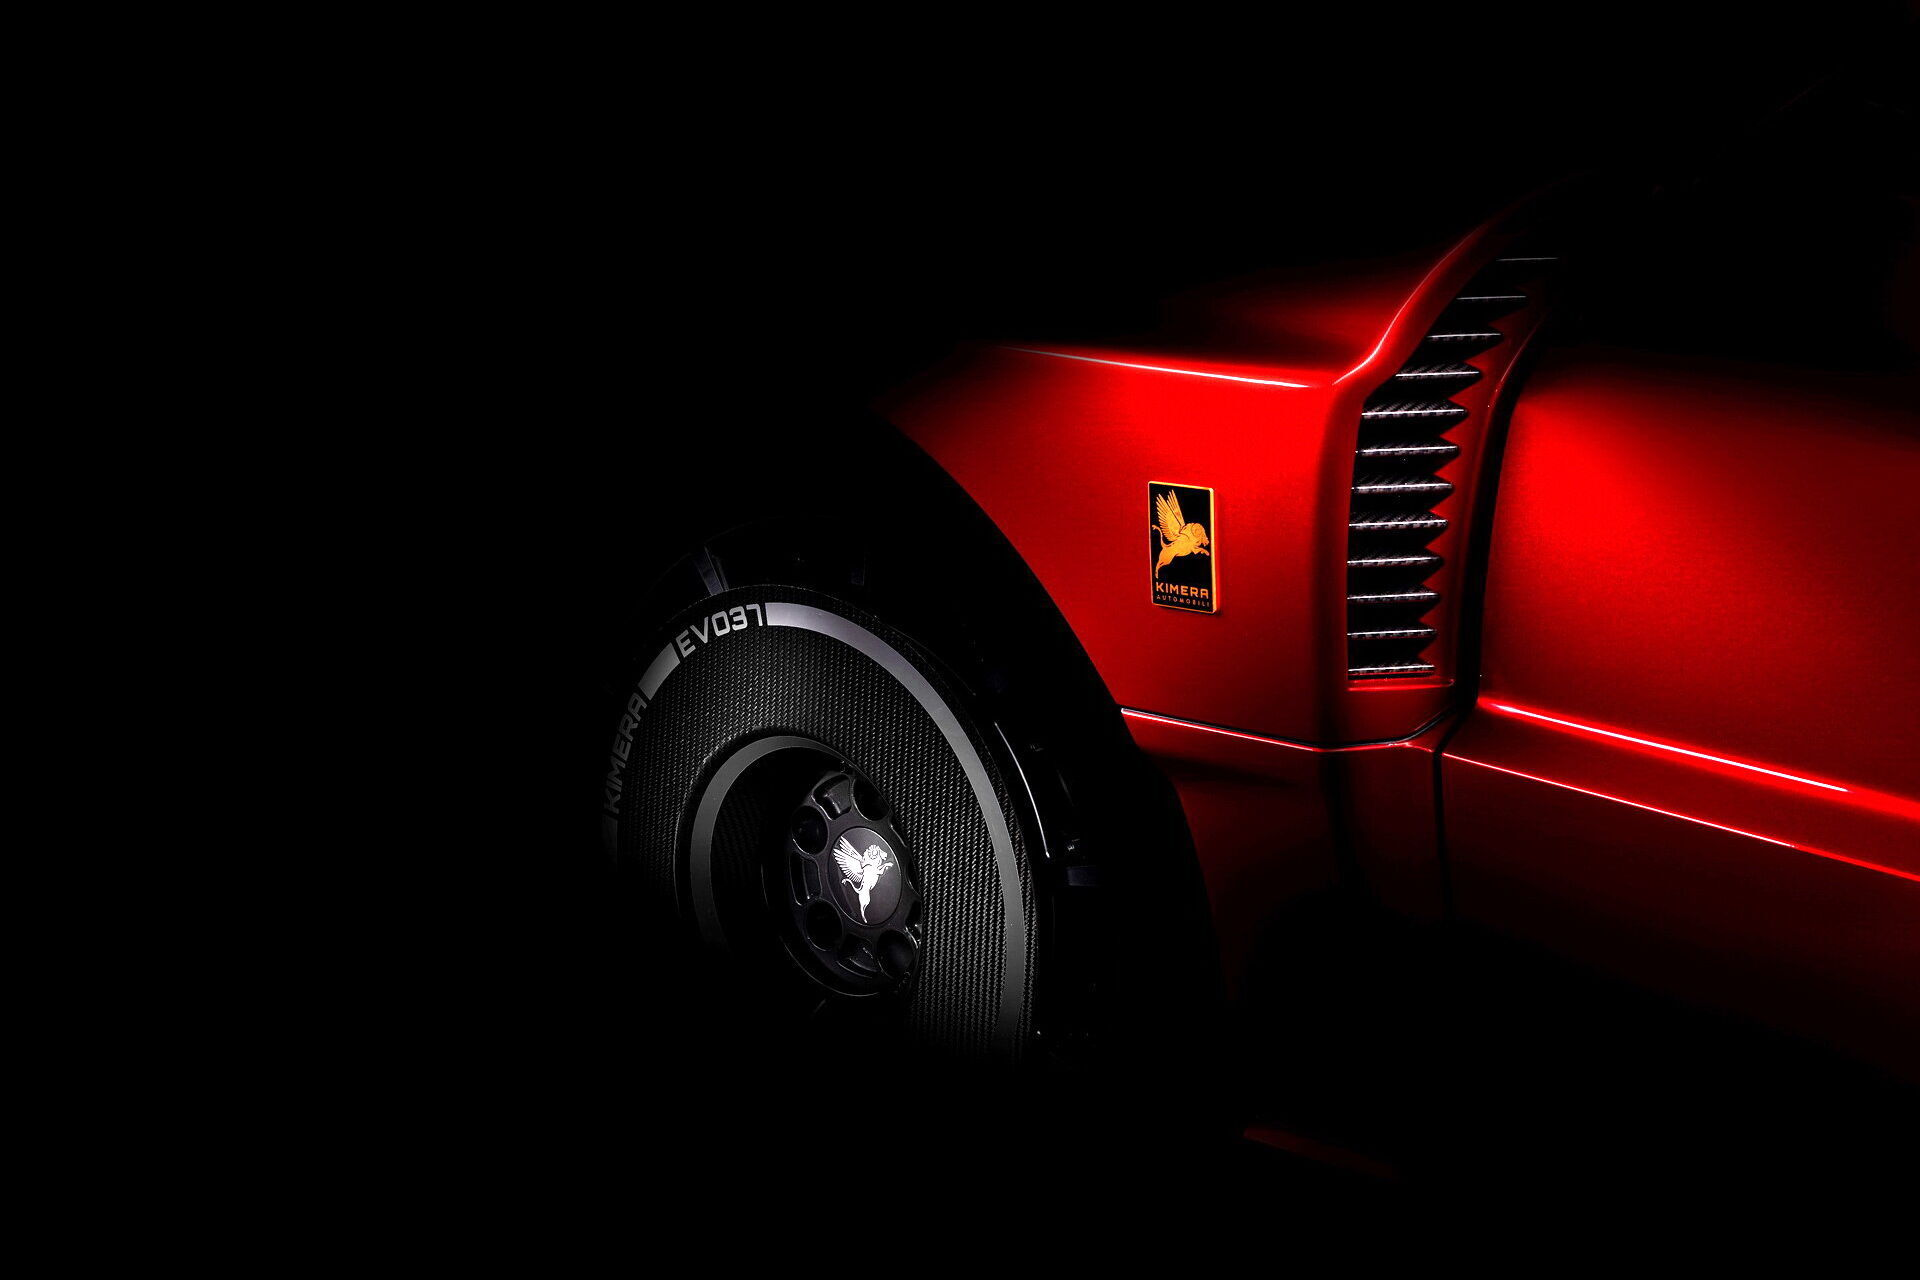 Kimera EVO37 створена за мотивами легендарного спортивного автомобіля Lancia Rally 037